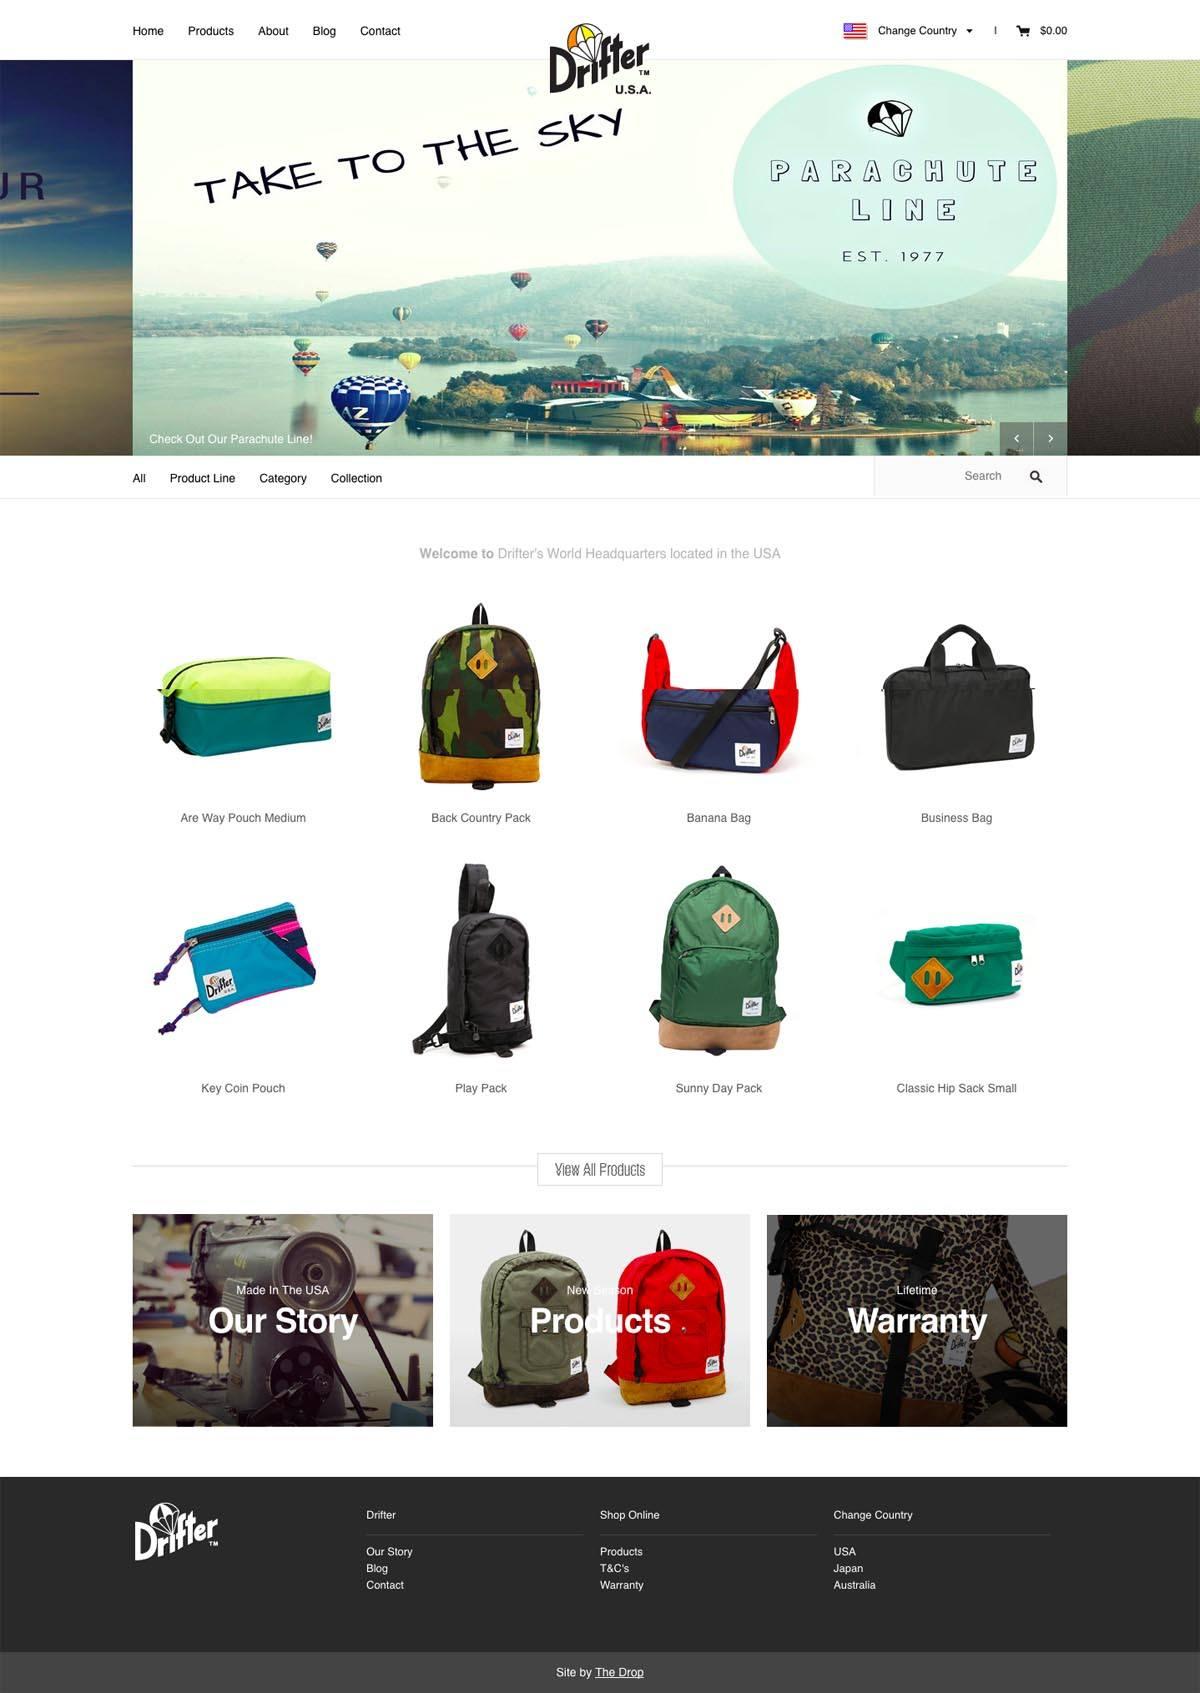 eCommerce website: Drifter Bags